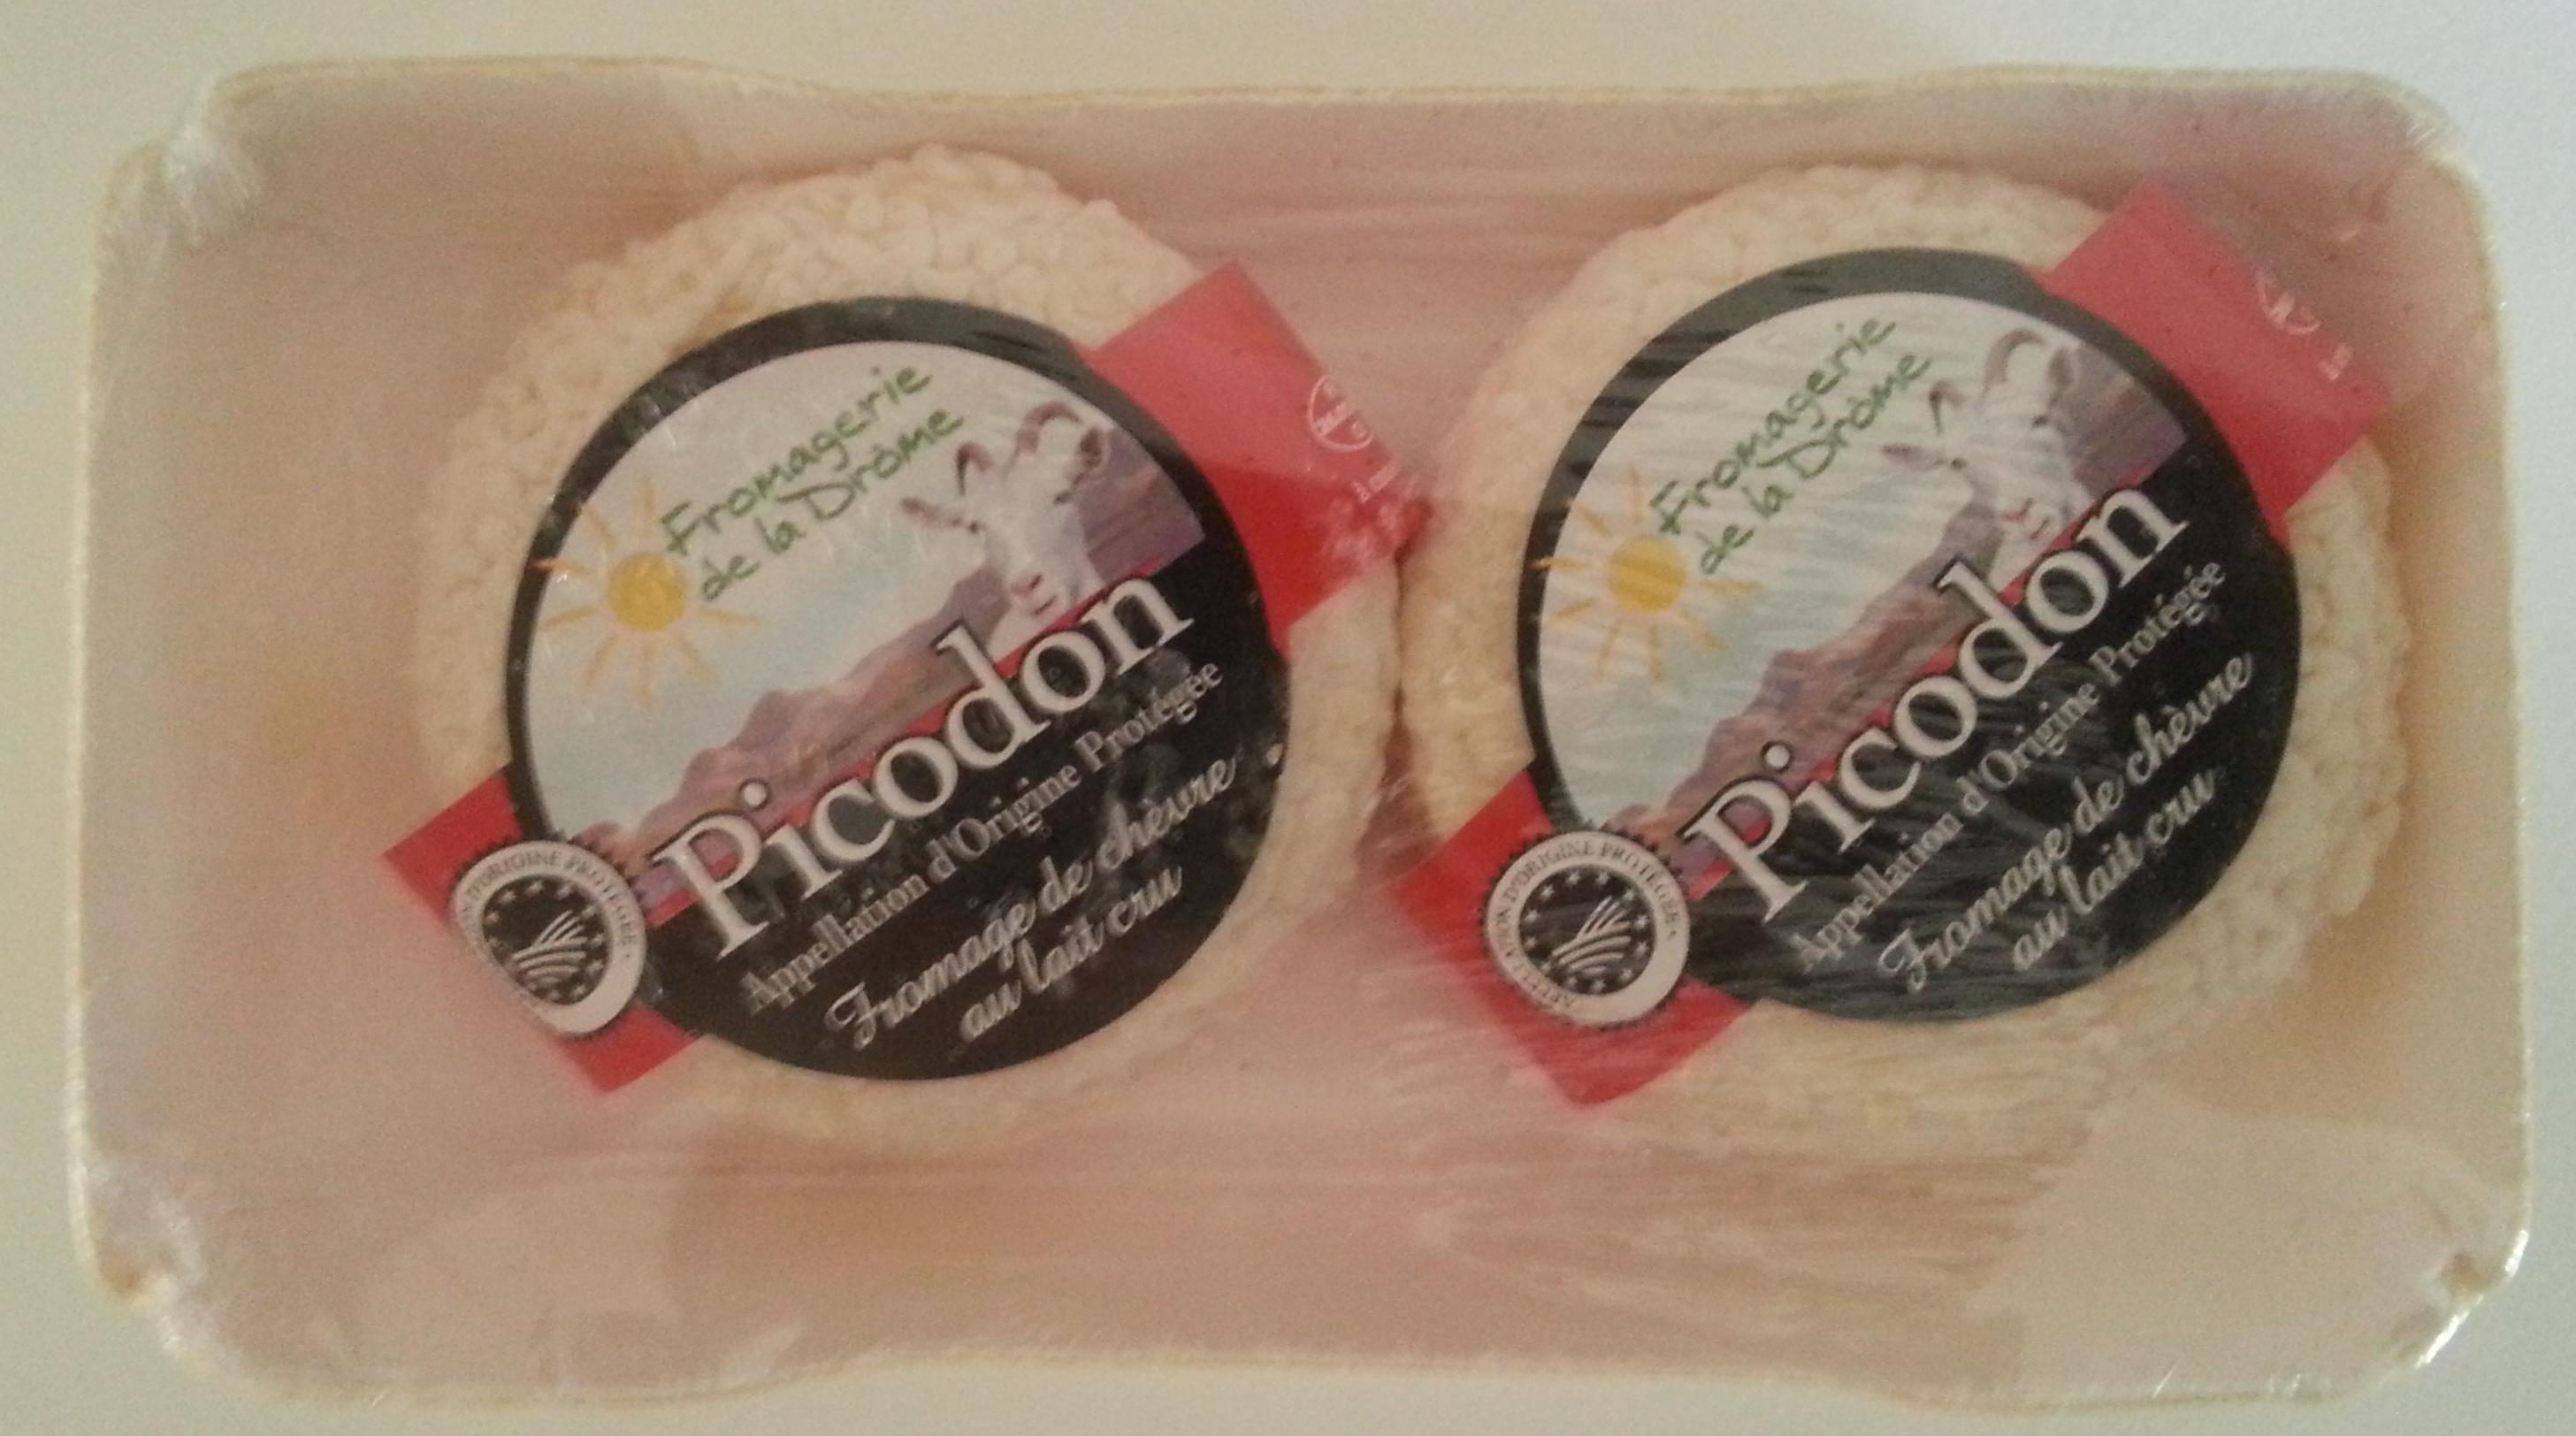 Picodon fromage de chèvre au lait cru - Product